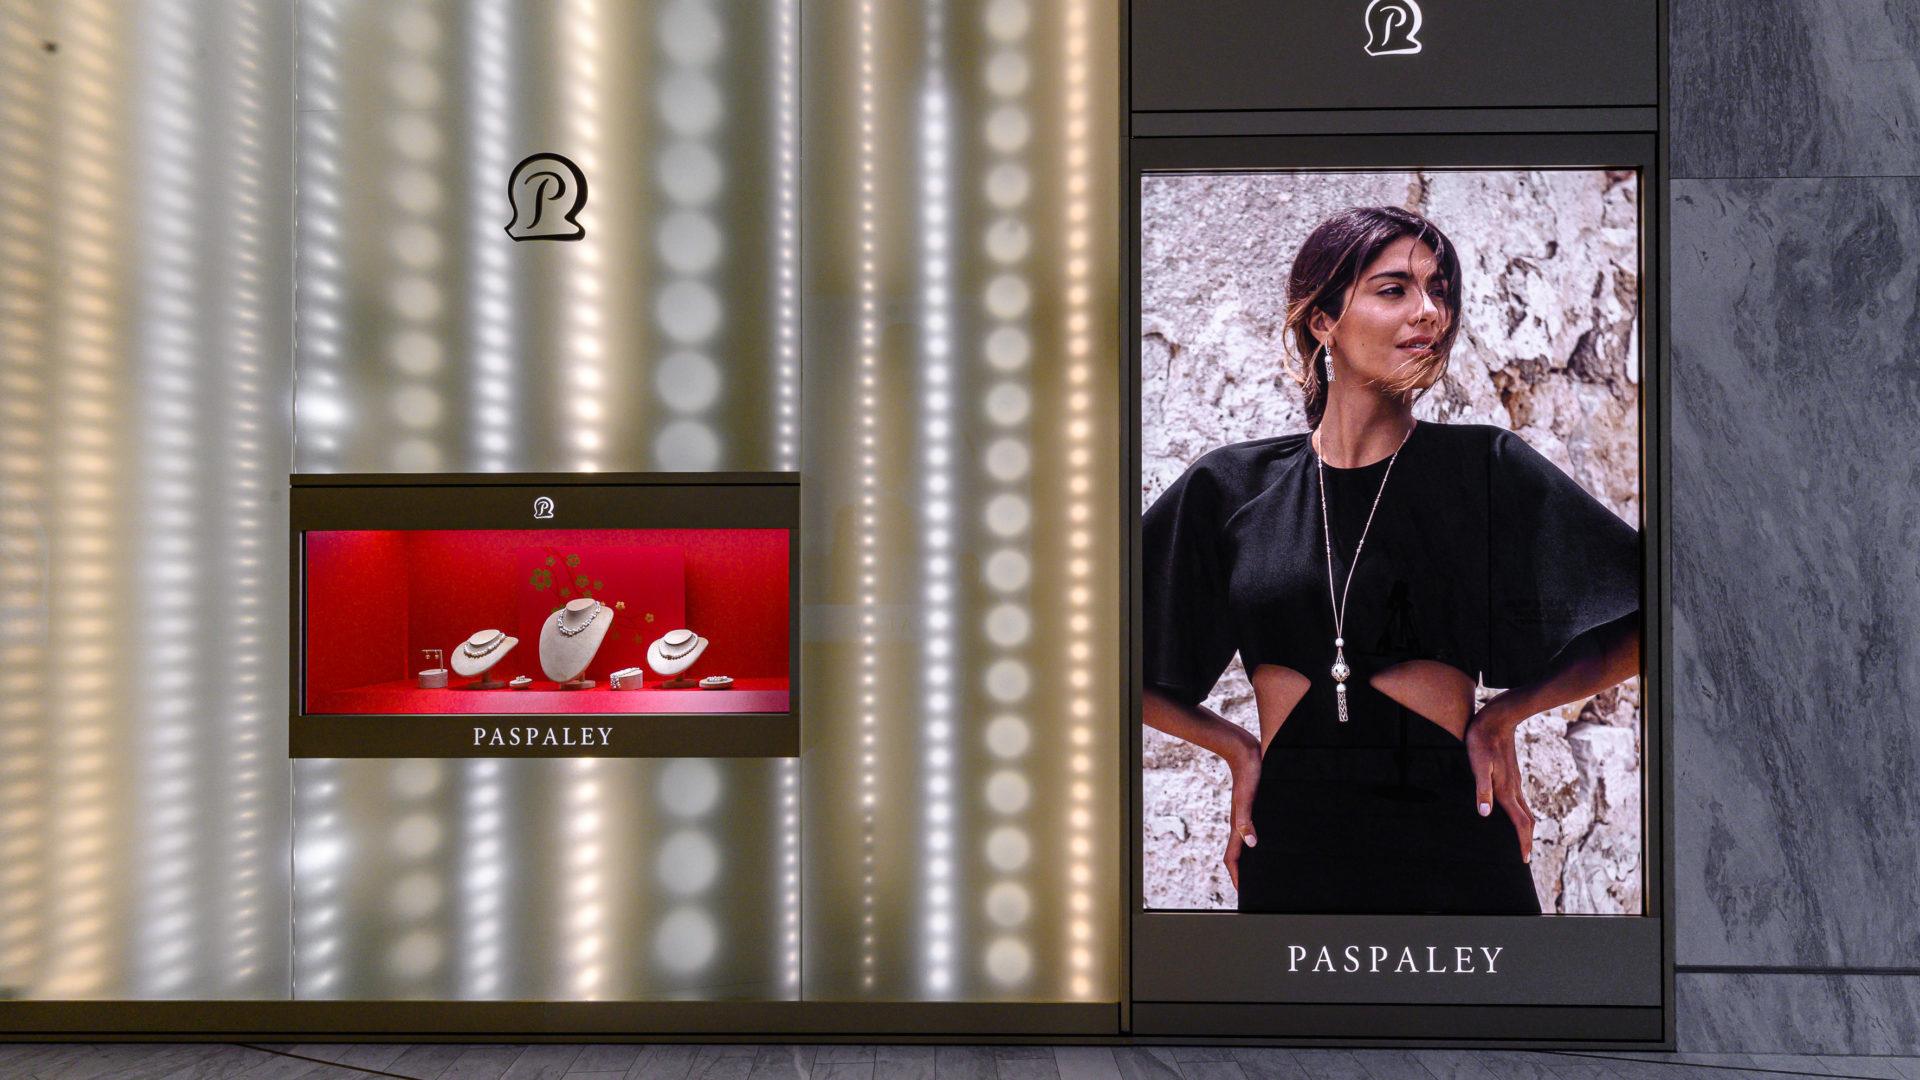 Paspaley Boutique Crown Sydney 28.01.2021 ELT 8693